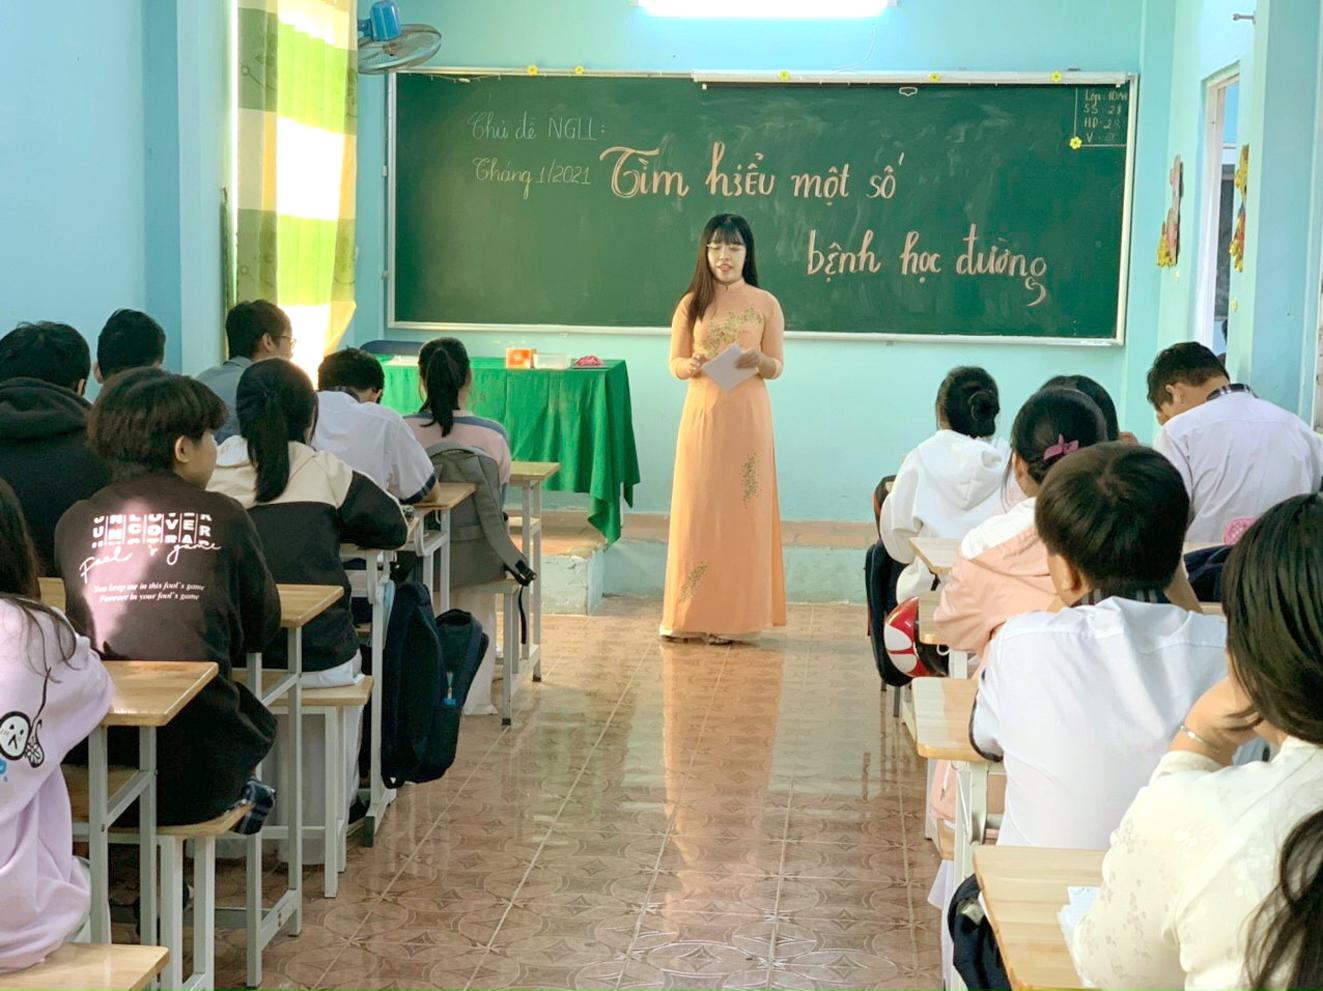 Trường ngoài công lập gặp khó khăn nếu phải hỗ trợ người học 100% học phí. Ảnh chụp tại Trường THPT Lý Thái Tổ (Q.Gò Vấp) năm học 2020-2021 - ẢNH: PHÚC TRẦN